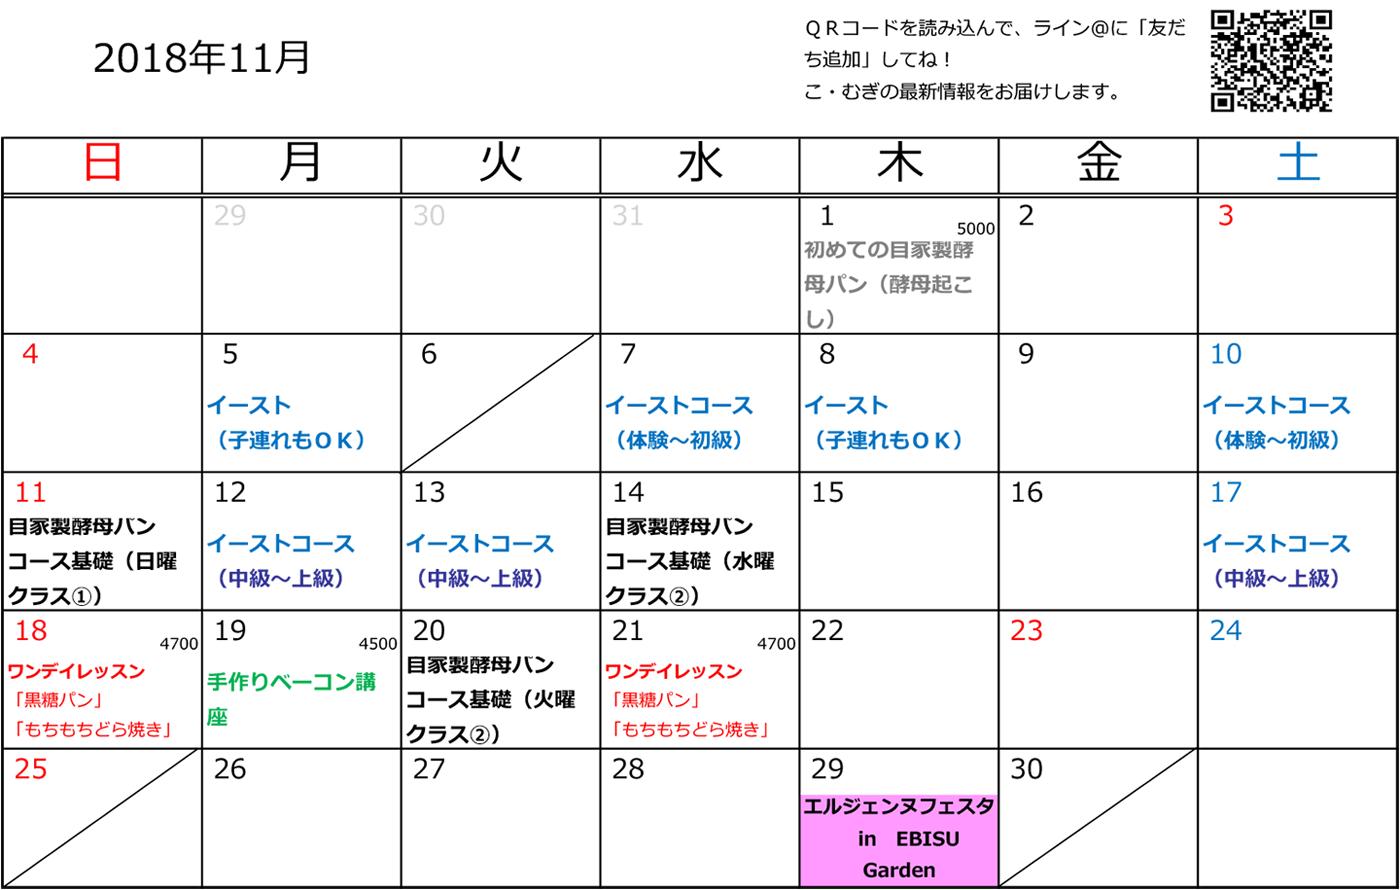 2018年11月のスケジュール